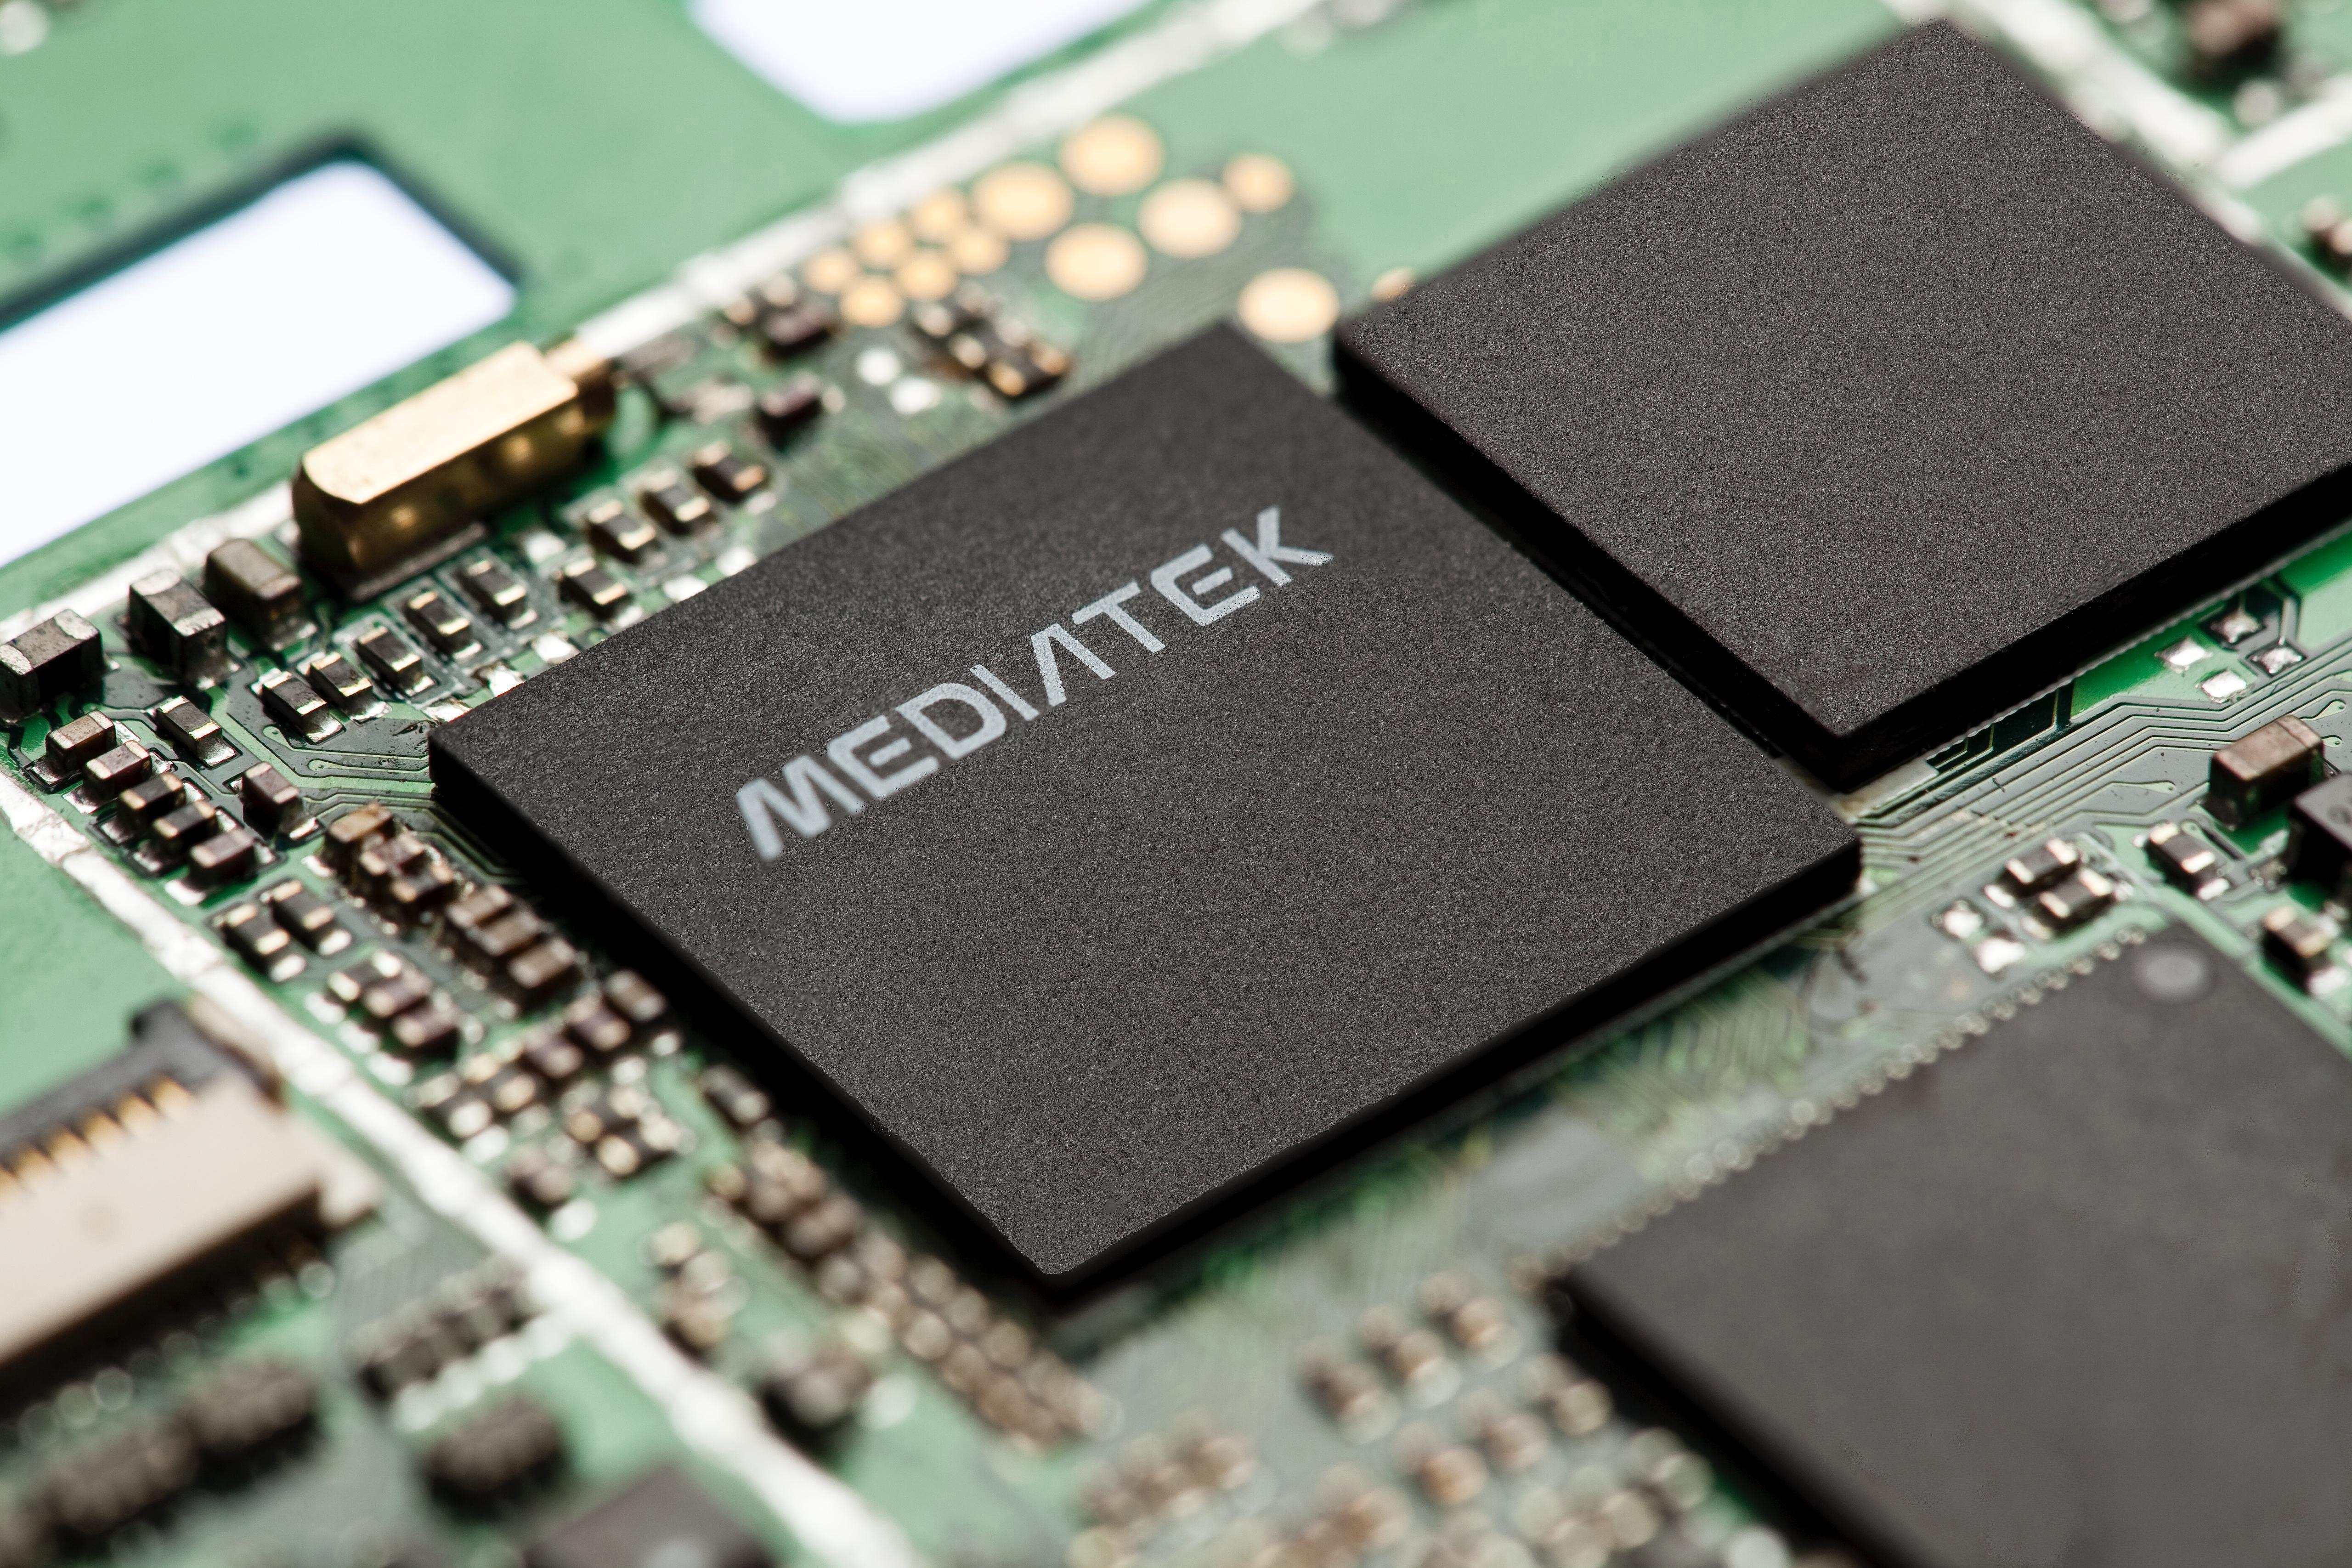 Za zaustavitev in ponovni zagon mobilne naprave s procesorjem MediaTek zadošča le kratko poročilo SMS.